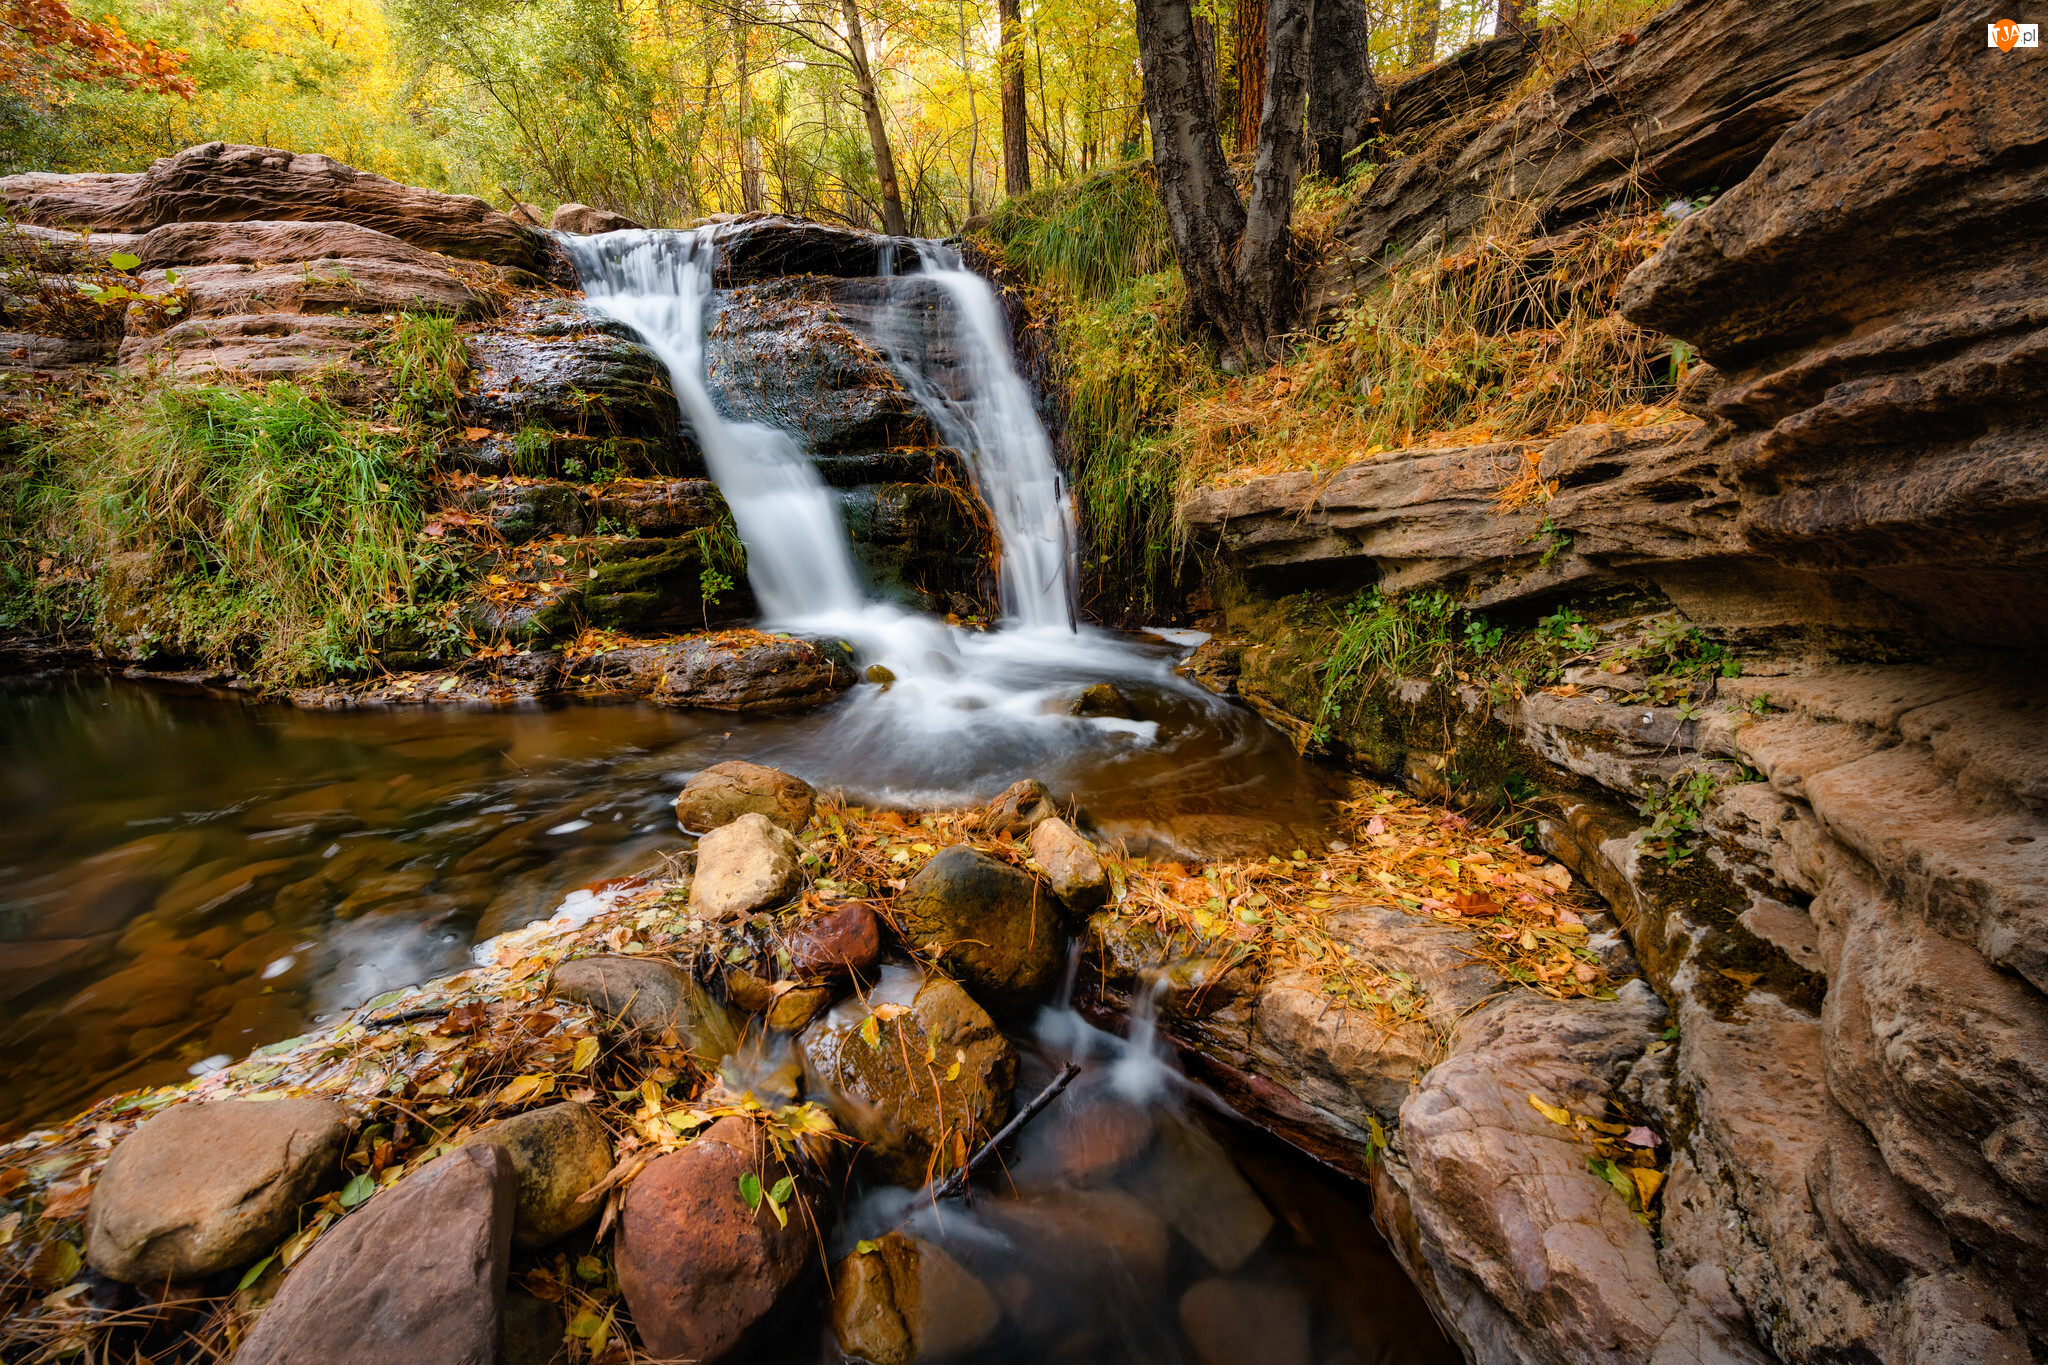 Skały, Rośliny, Rzeka, Wodospad, Kamienie